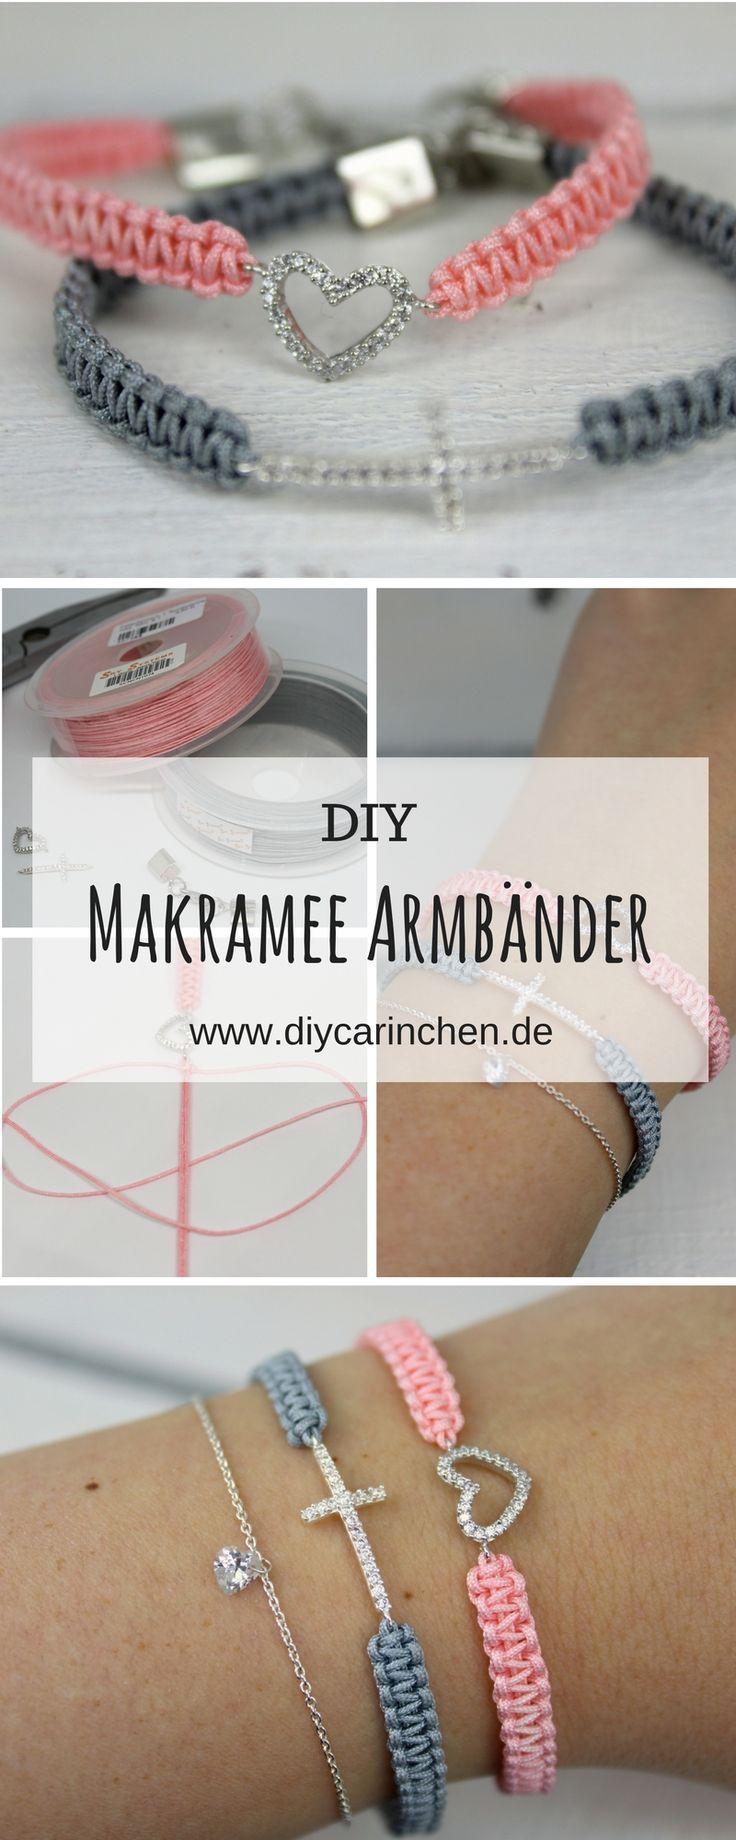 DIY Makramee Armbänder selber knüpfen - mit dieser Schritt ...